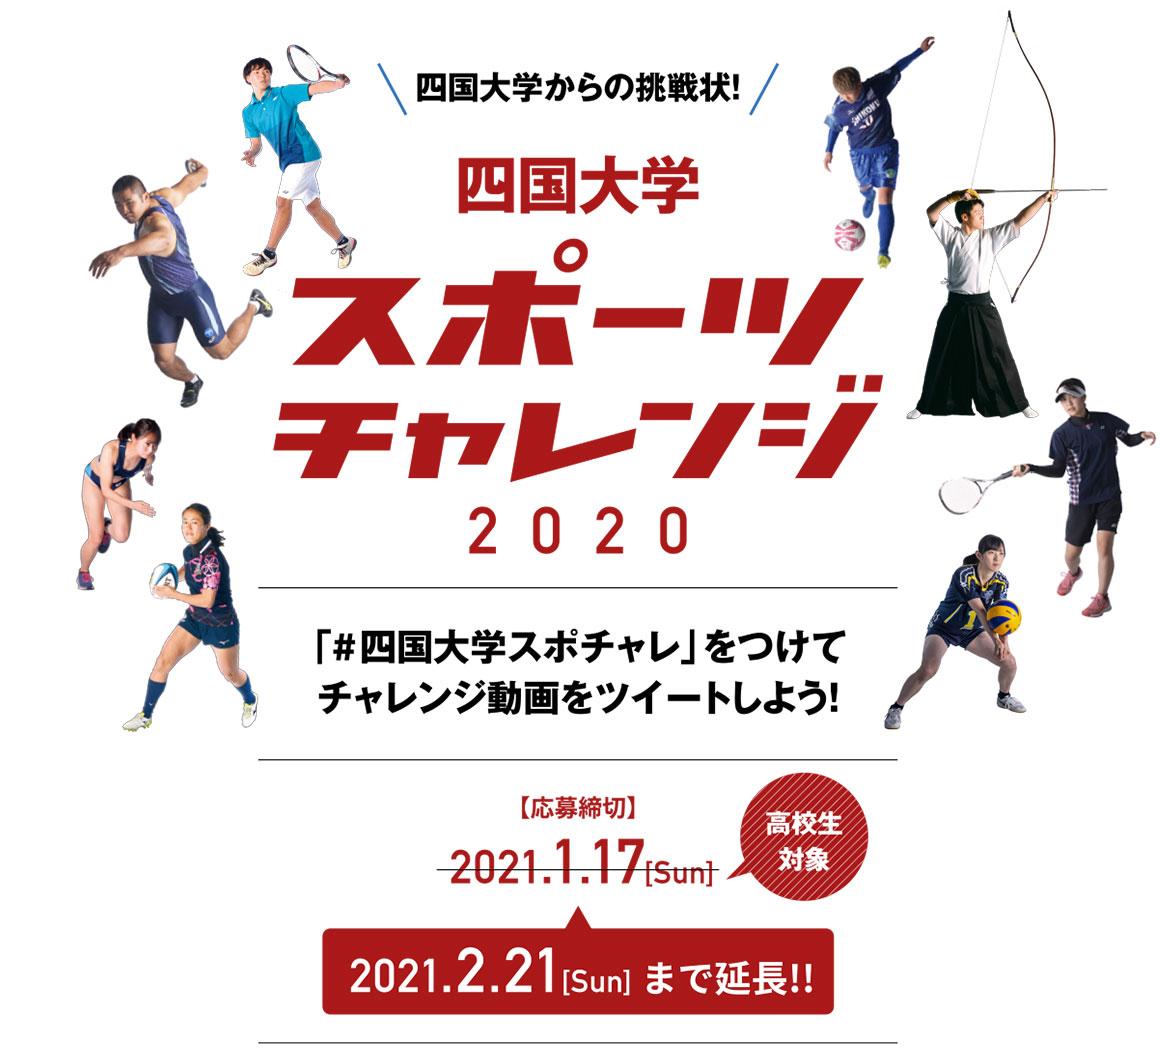 四国大学からの挑戦状! 四国大学スポーツチャレンジ2020